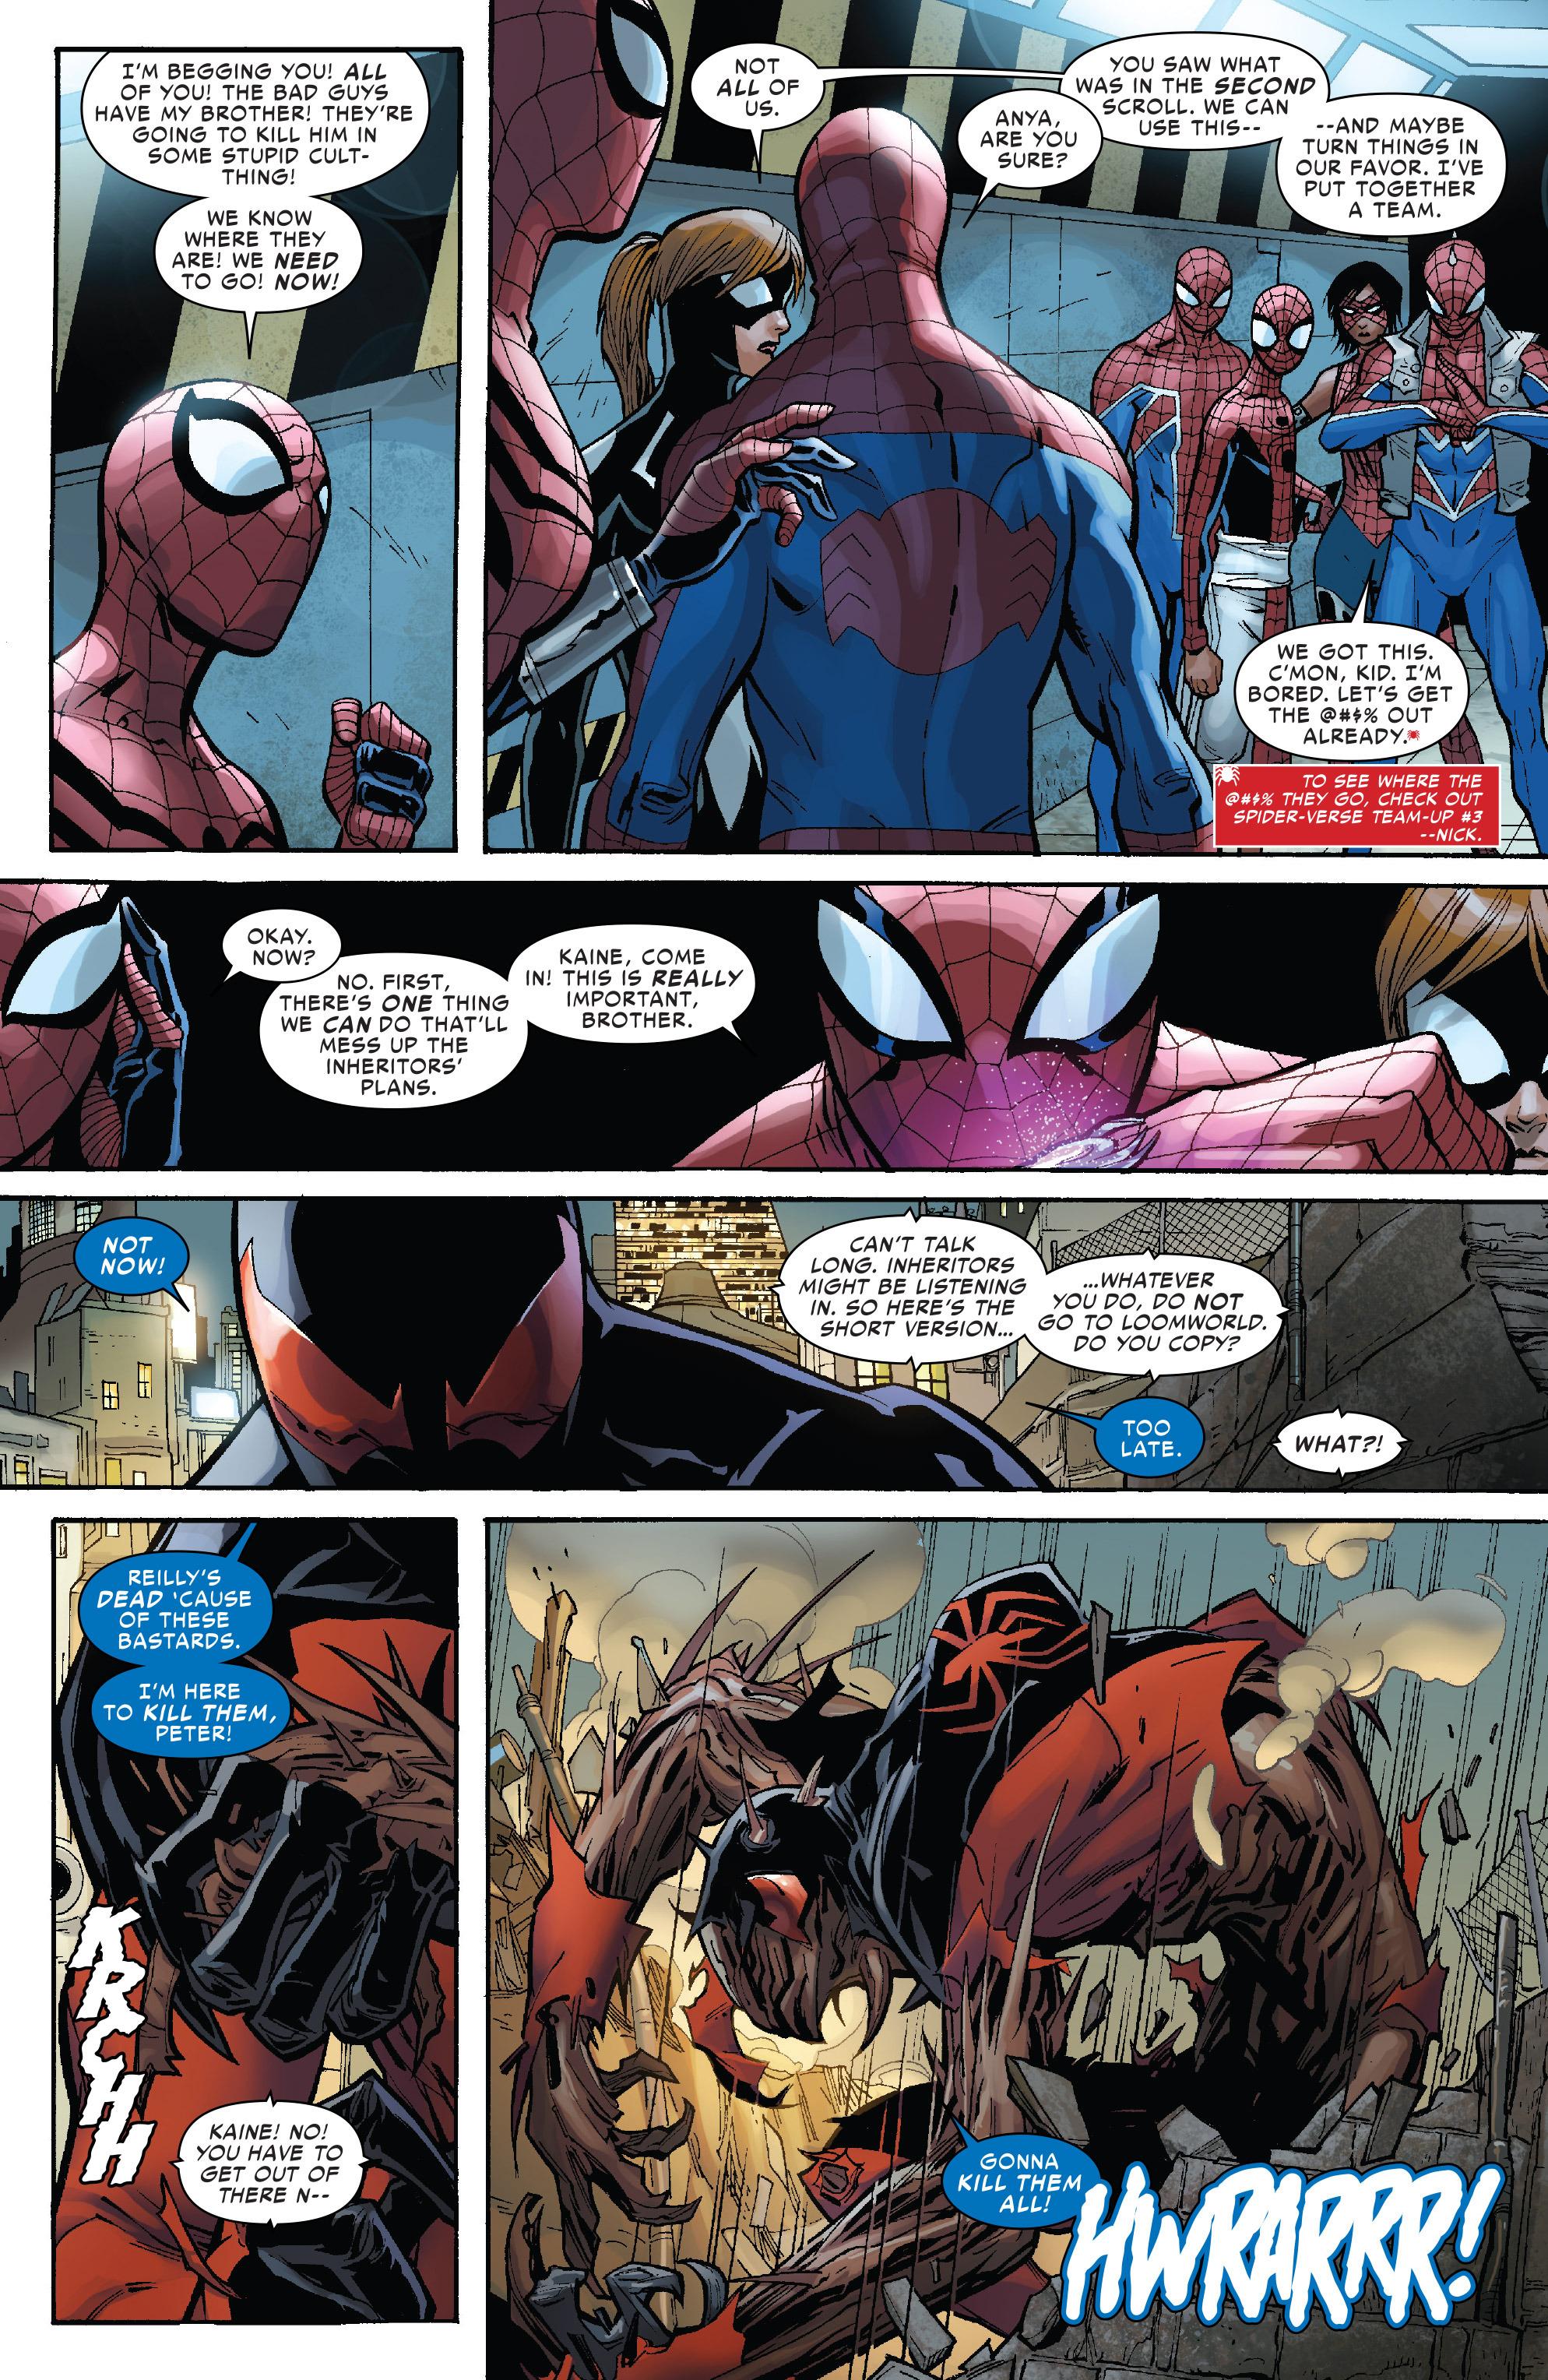 AmazingSpider-Man(2014)#13--p13